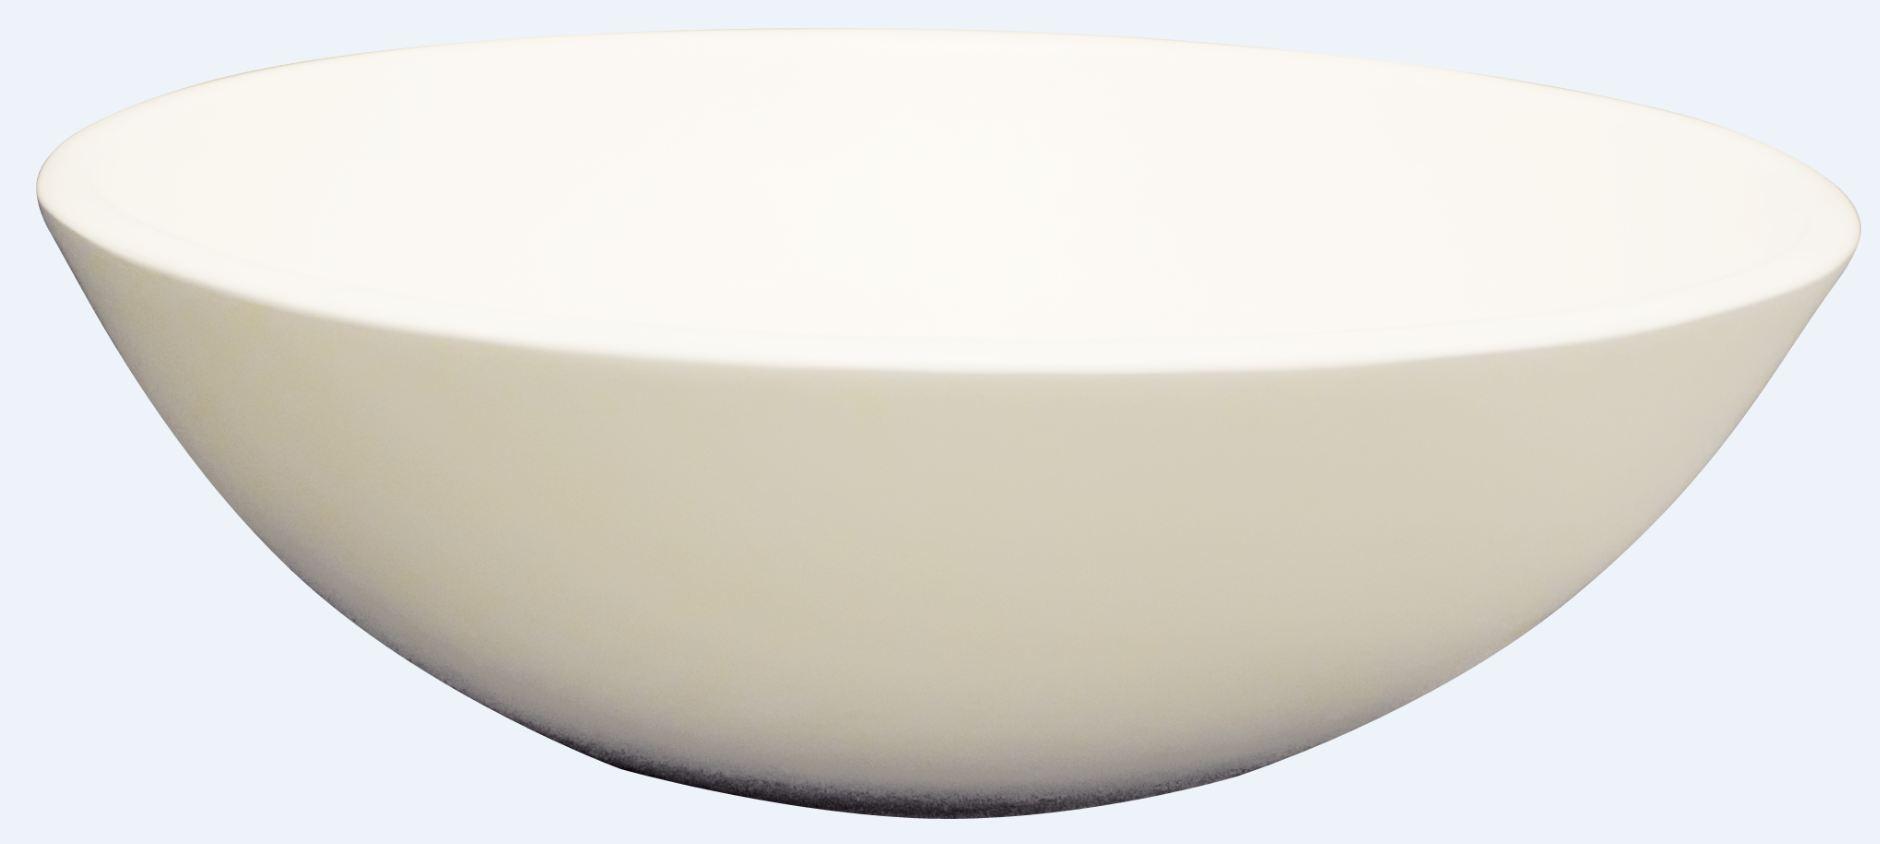 Adw aquastone circolo opbouw waskom klik op afbeelding of link om te bestellen bij max4home.nl